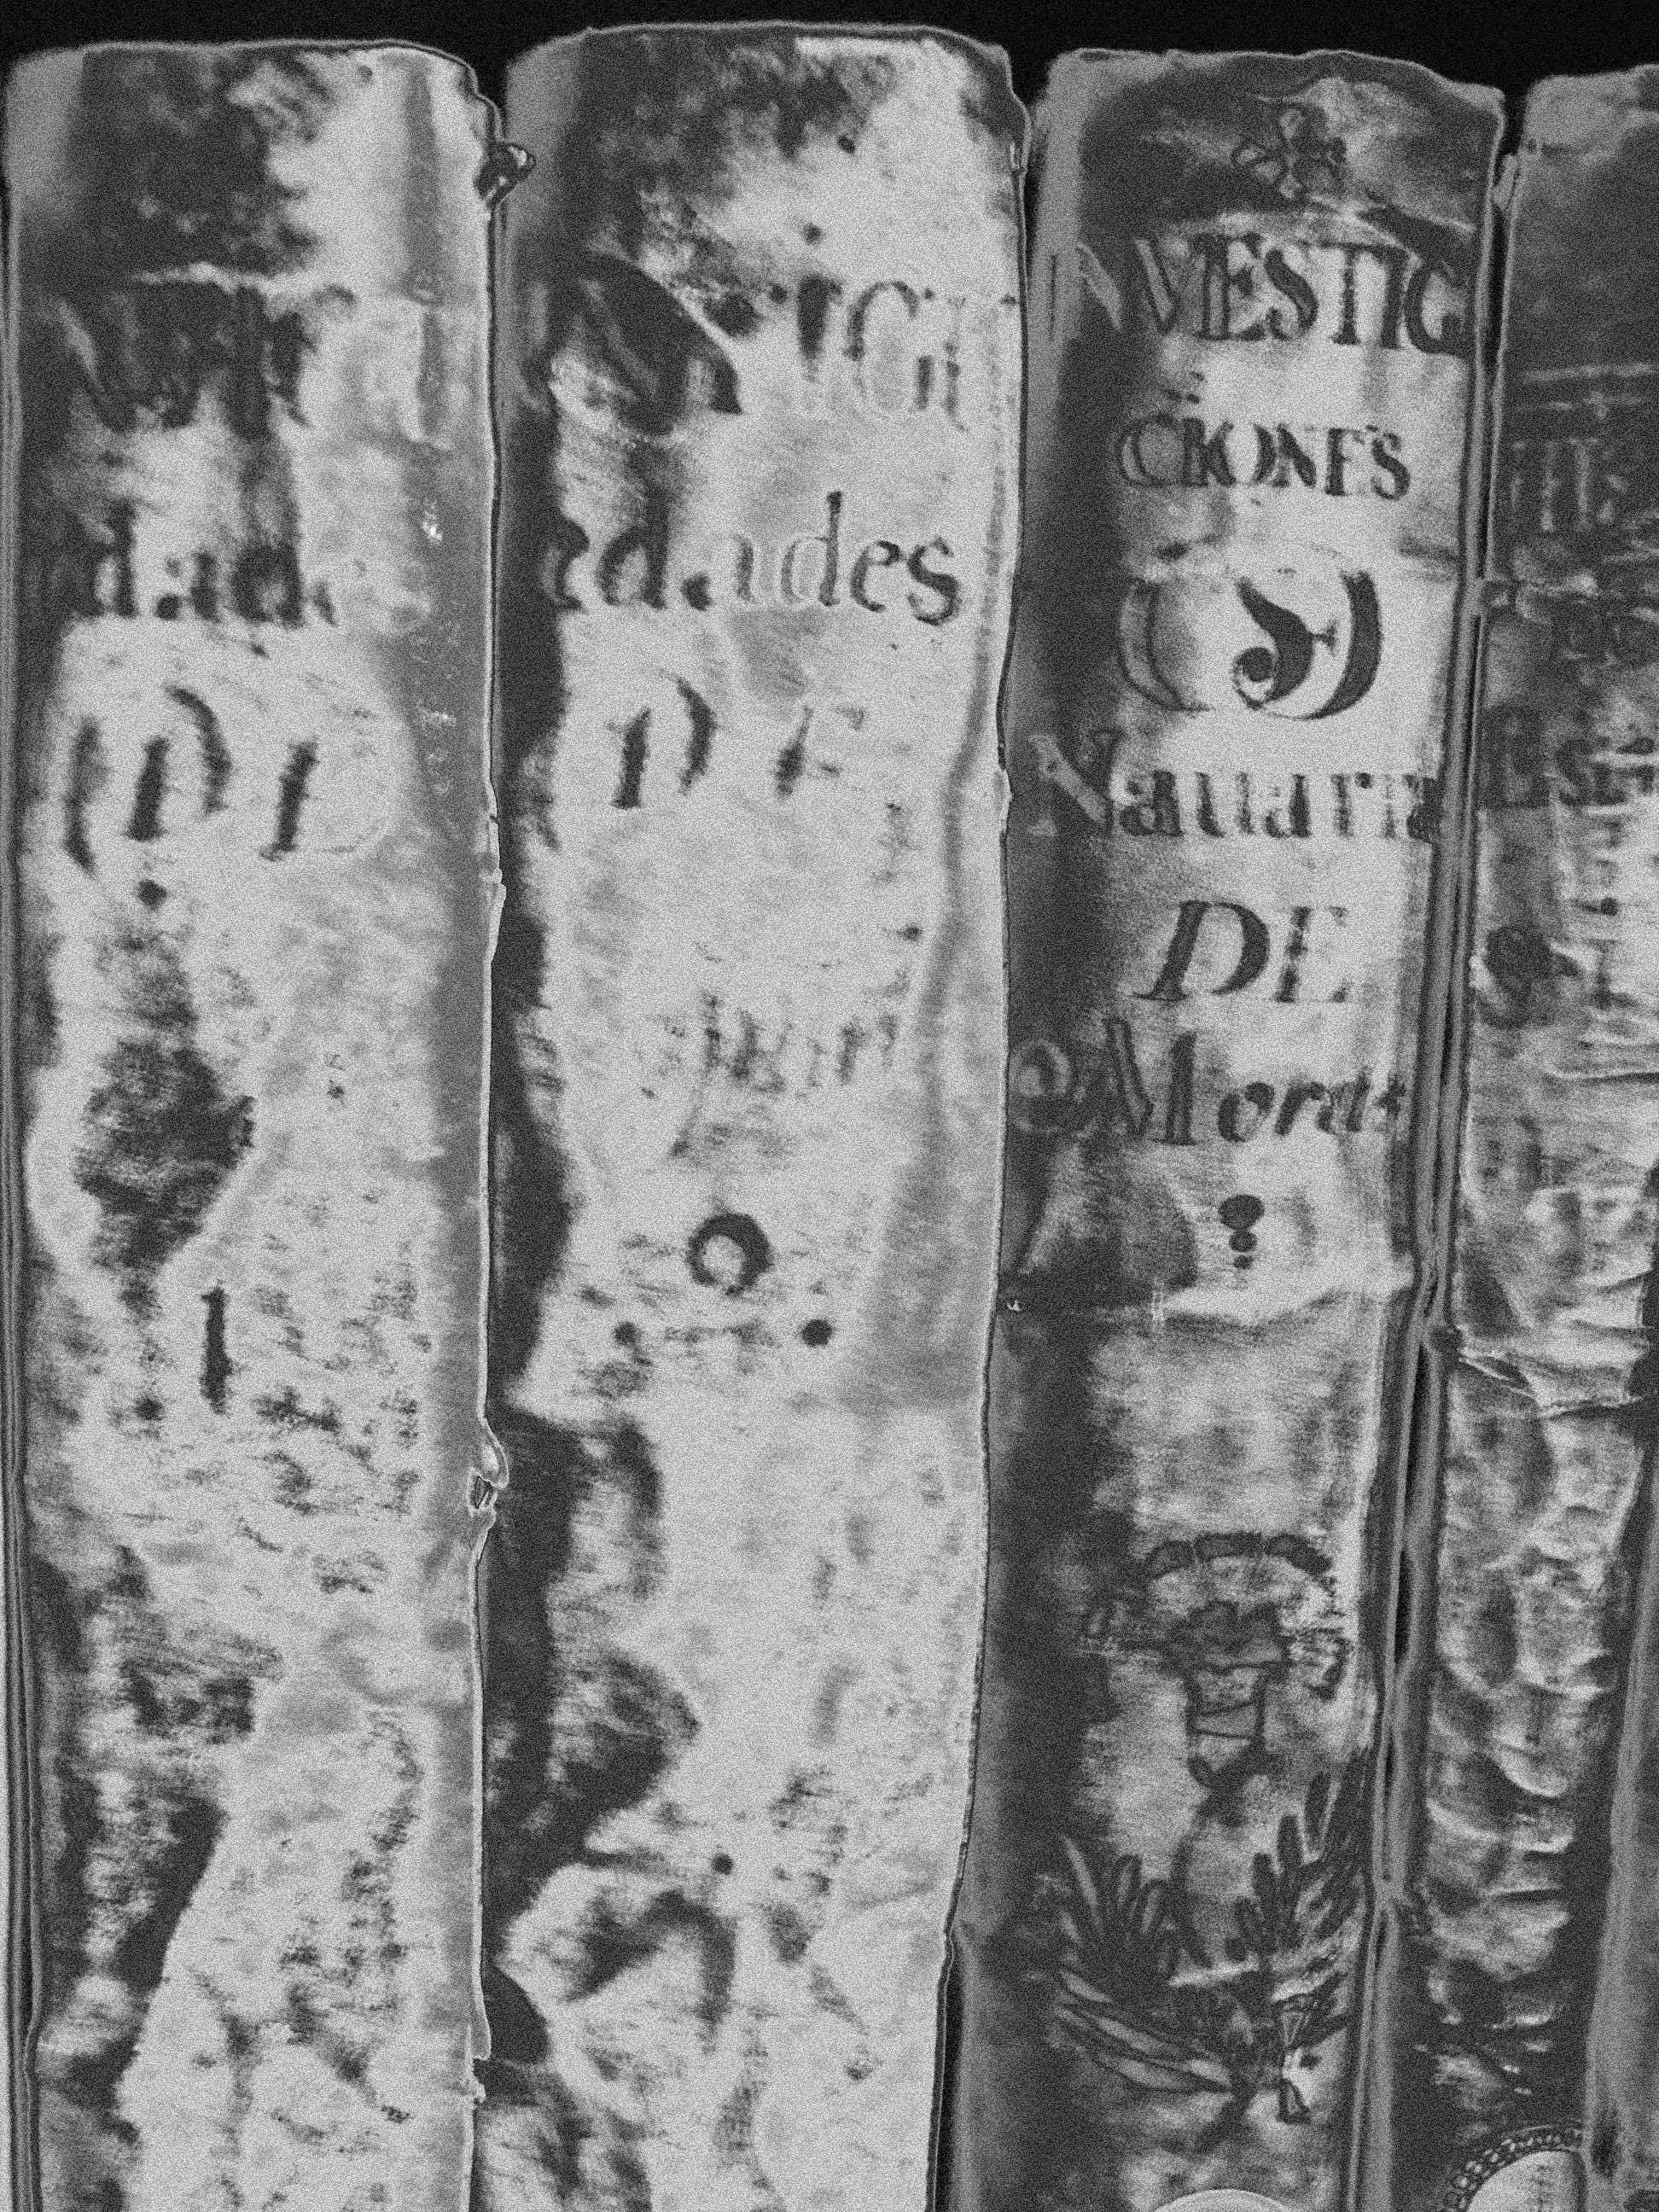 Regards sur l'histoire et l'historiographie de l'art espagnol en France